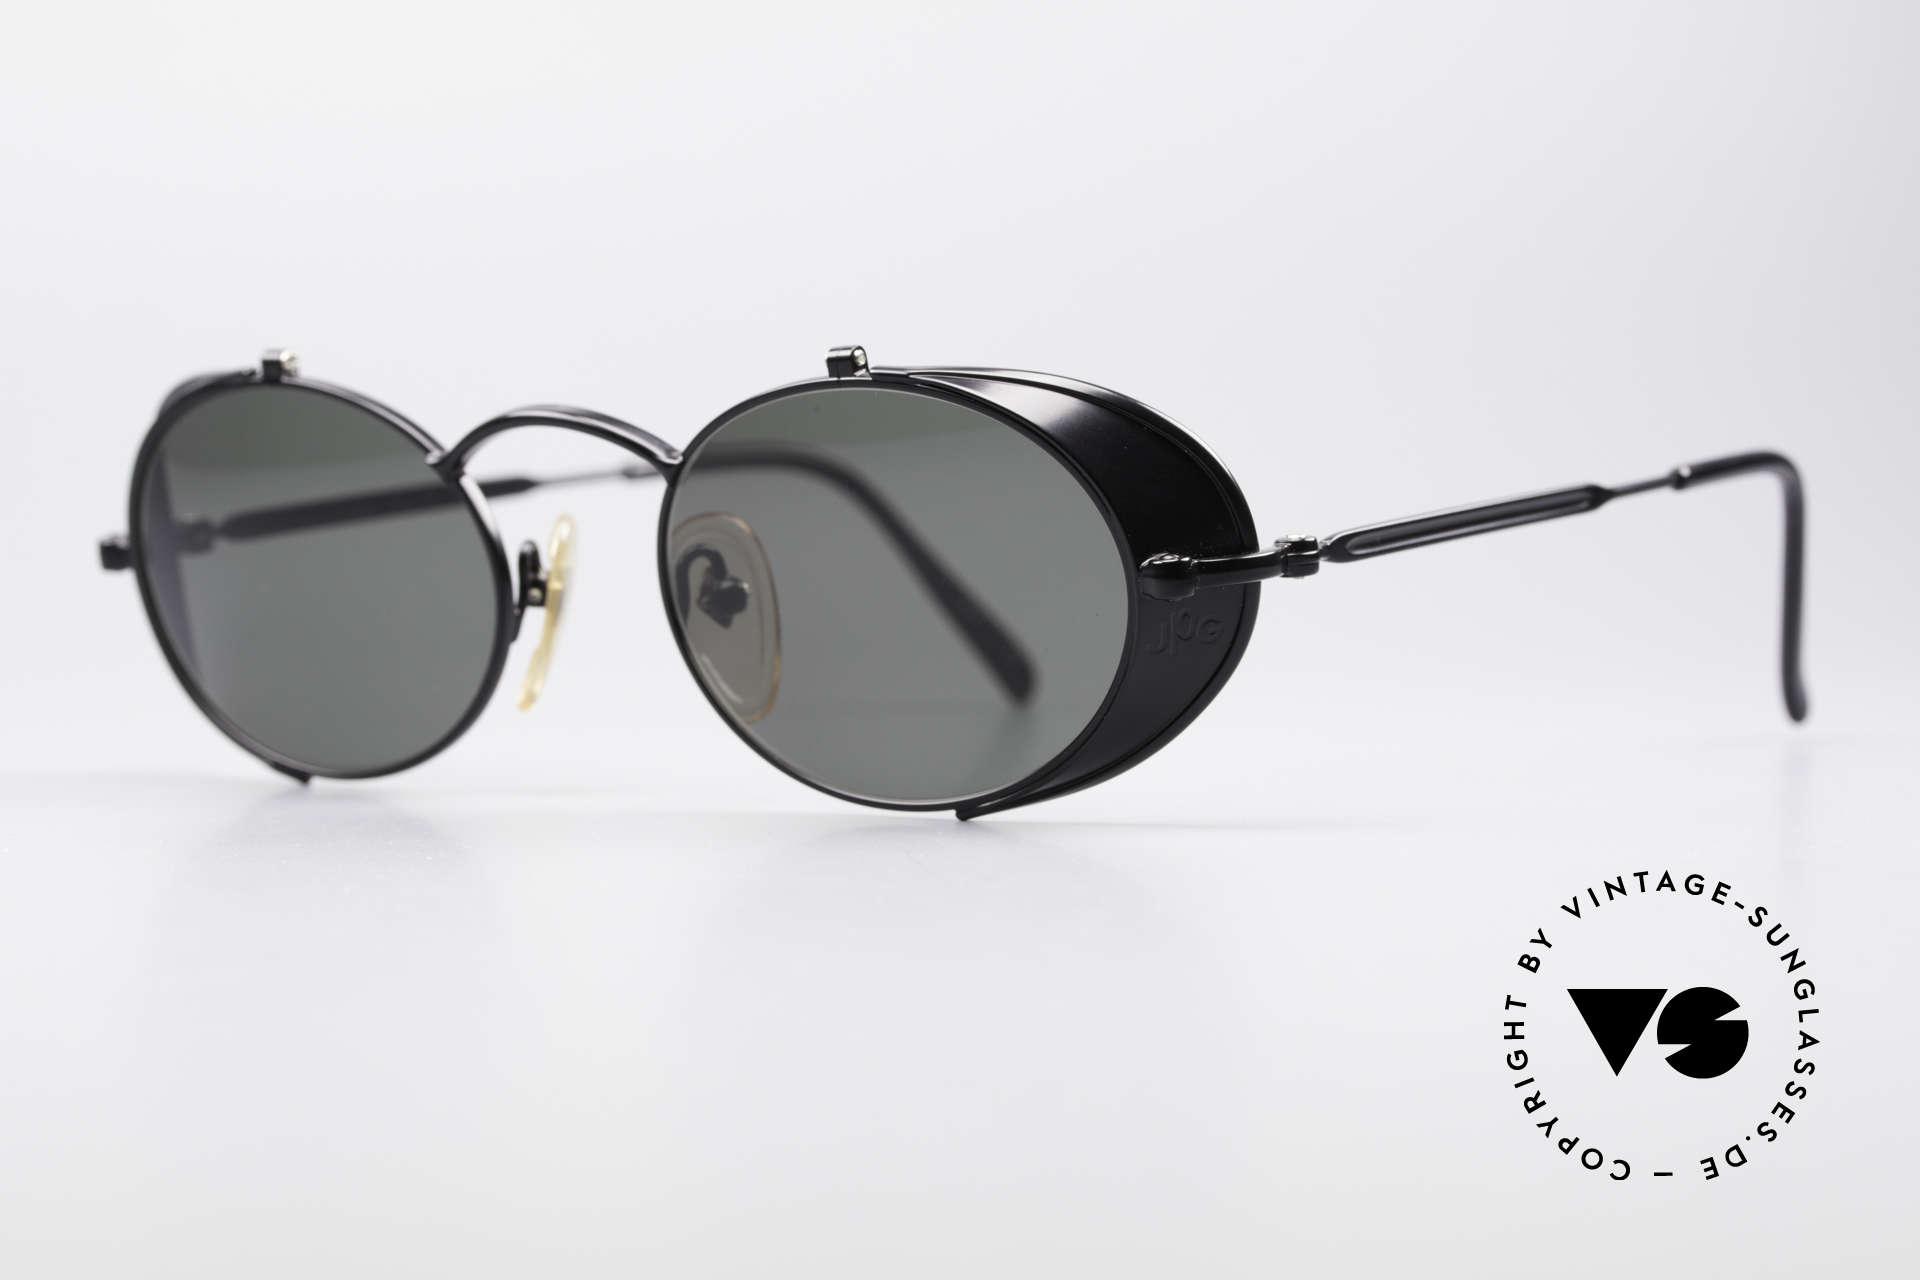 """Jean Paul Gaultier 56-1175 Seitenscheiben Sonnenbrille, viele interessante Rahmendetails im """"Retro-Futurismus"""", Passend für Herren und Damen"""